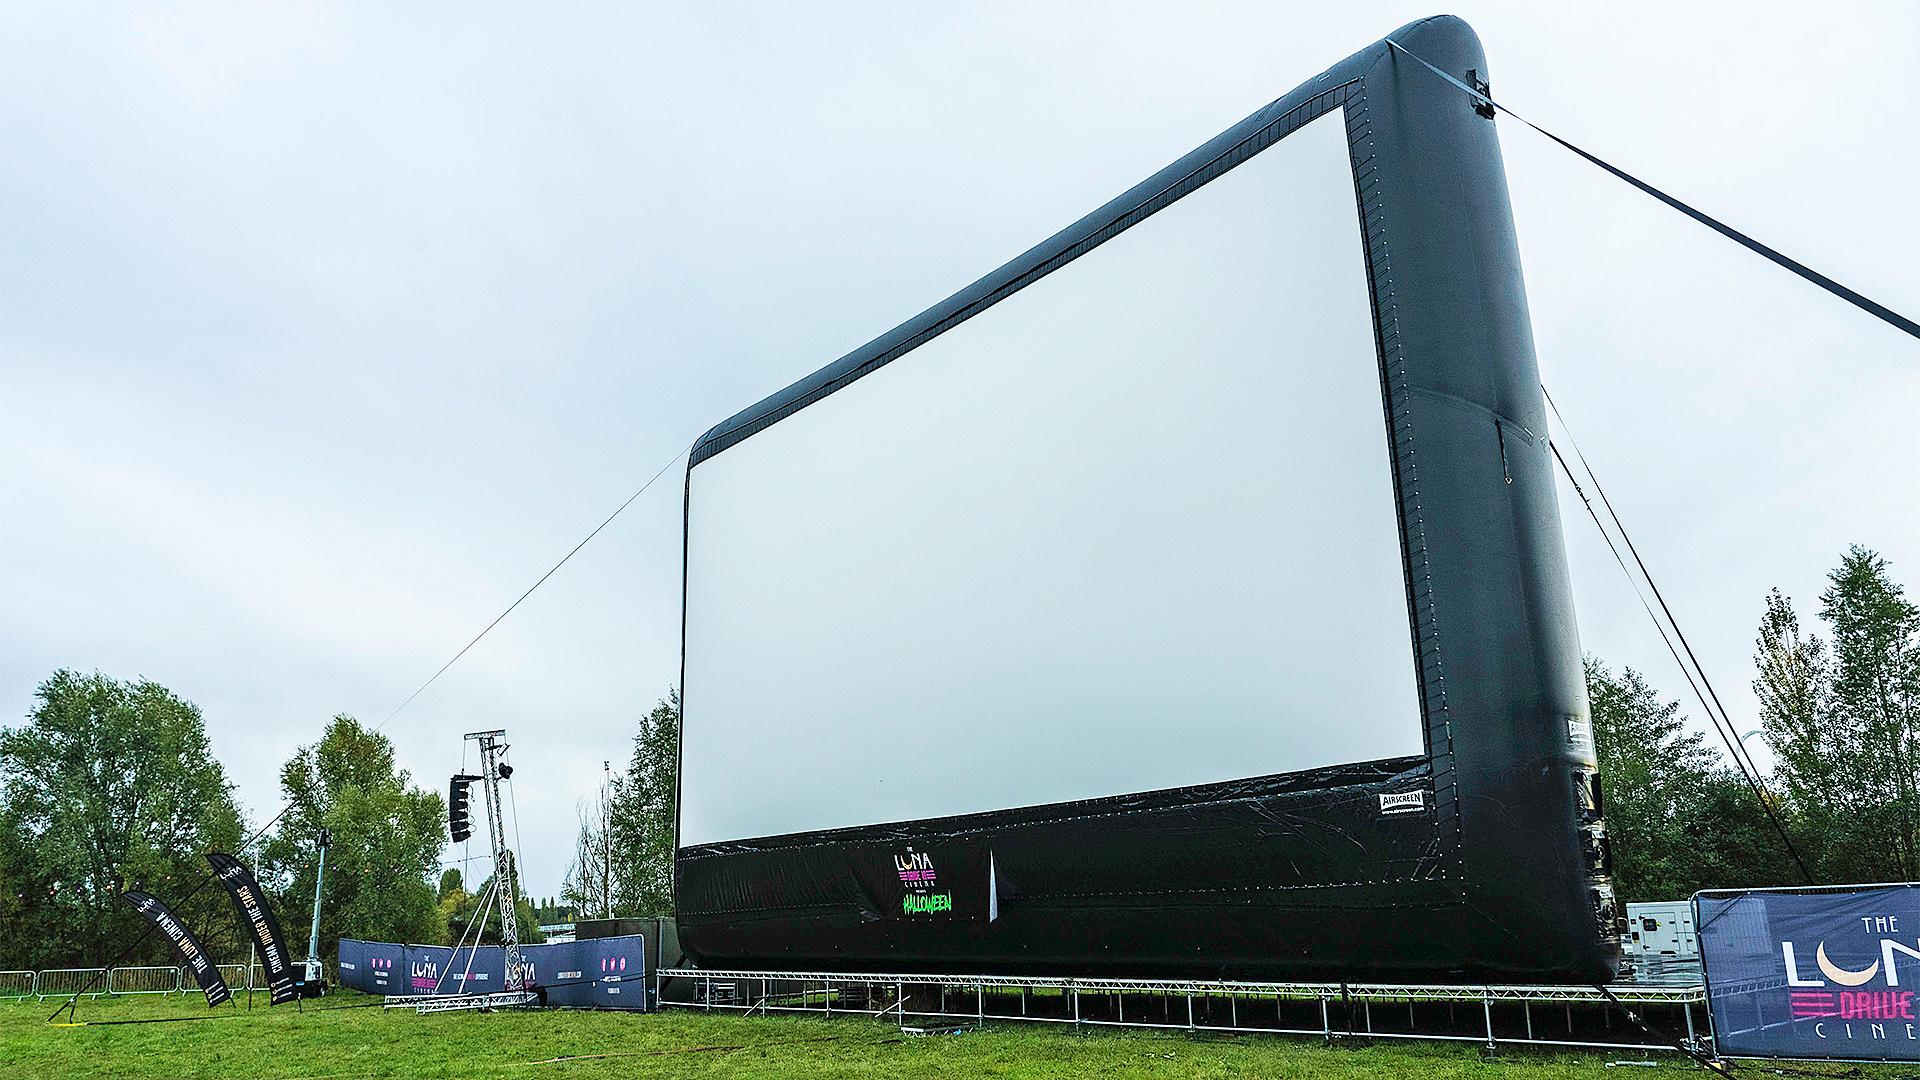 Drive-in cinema in the UK.